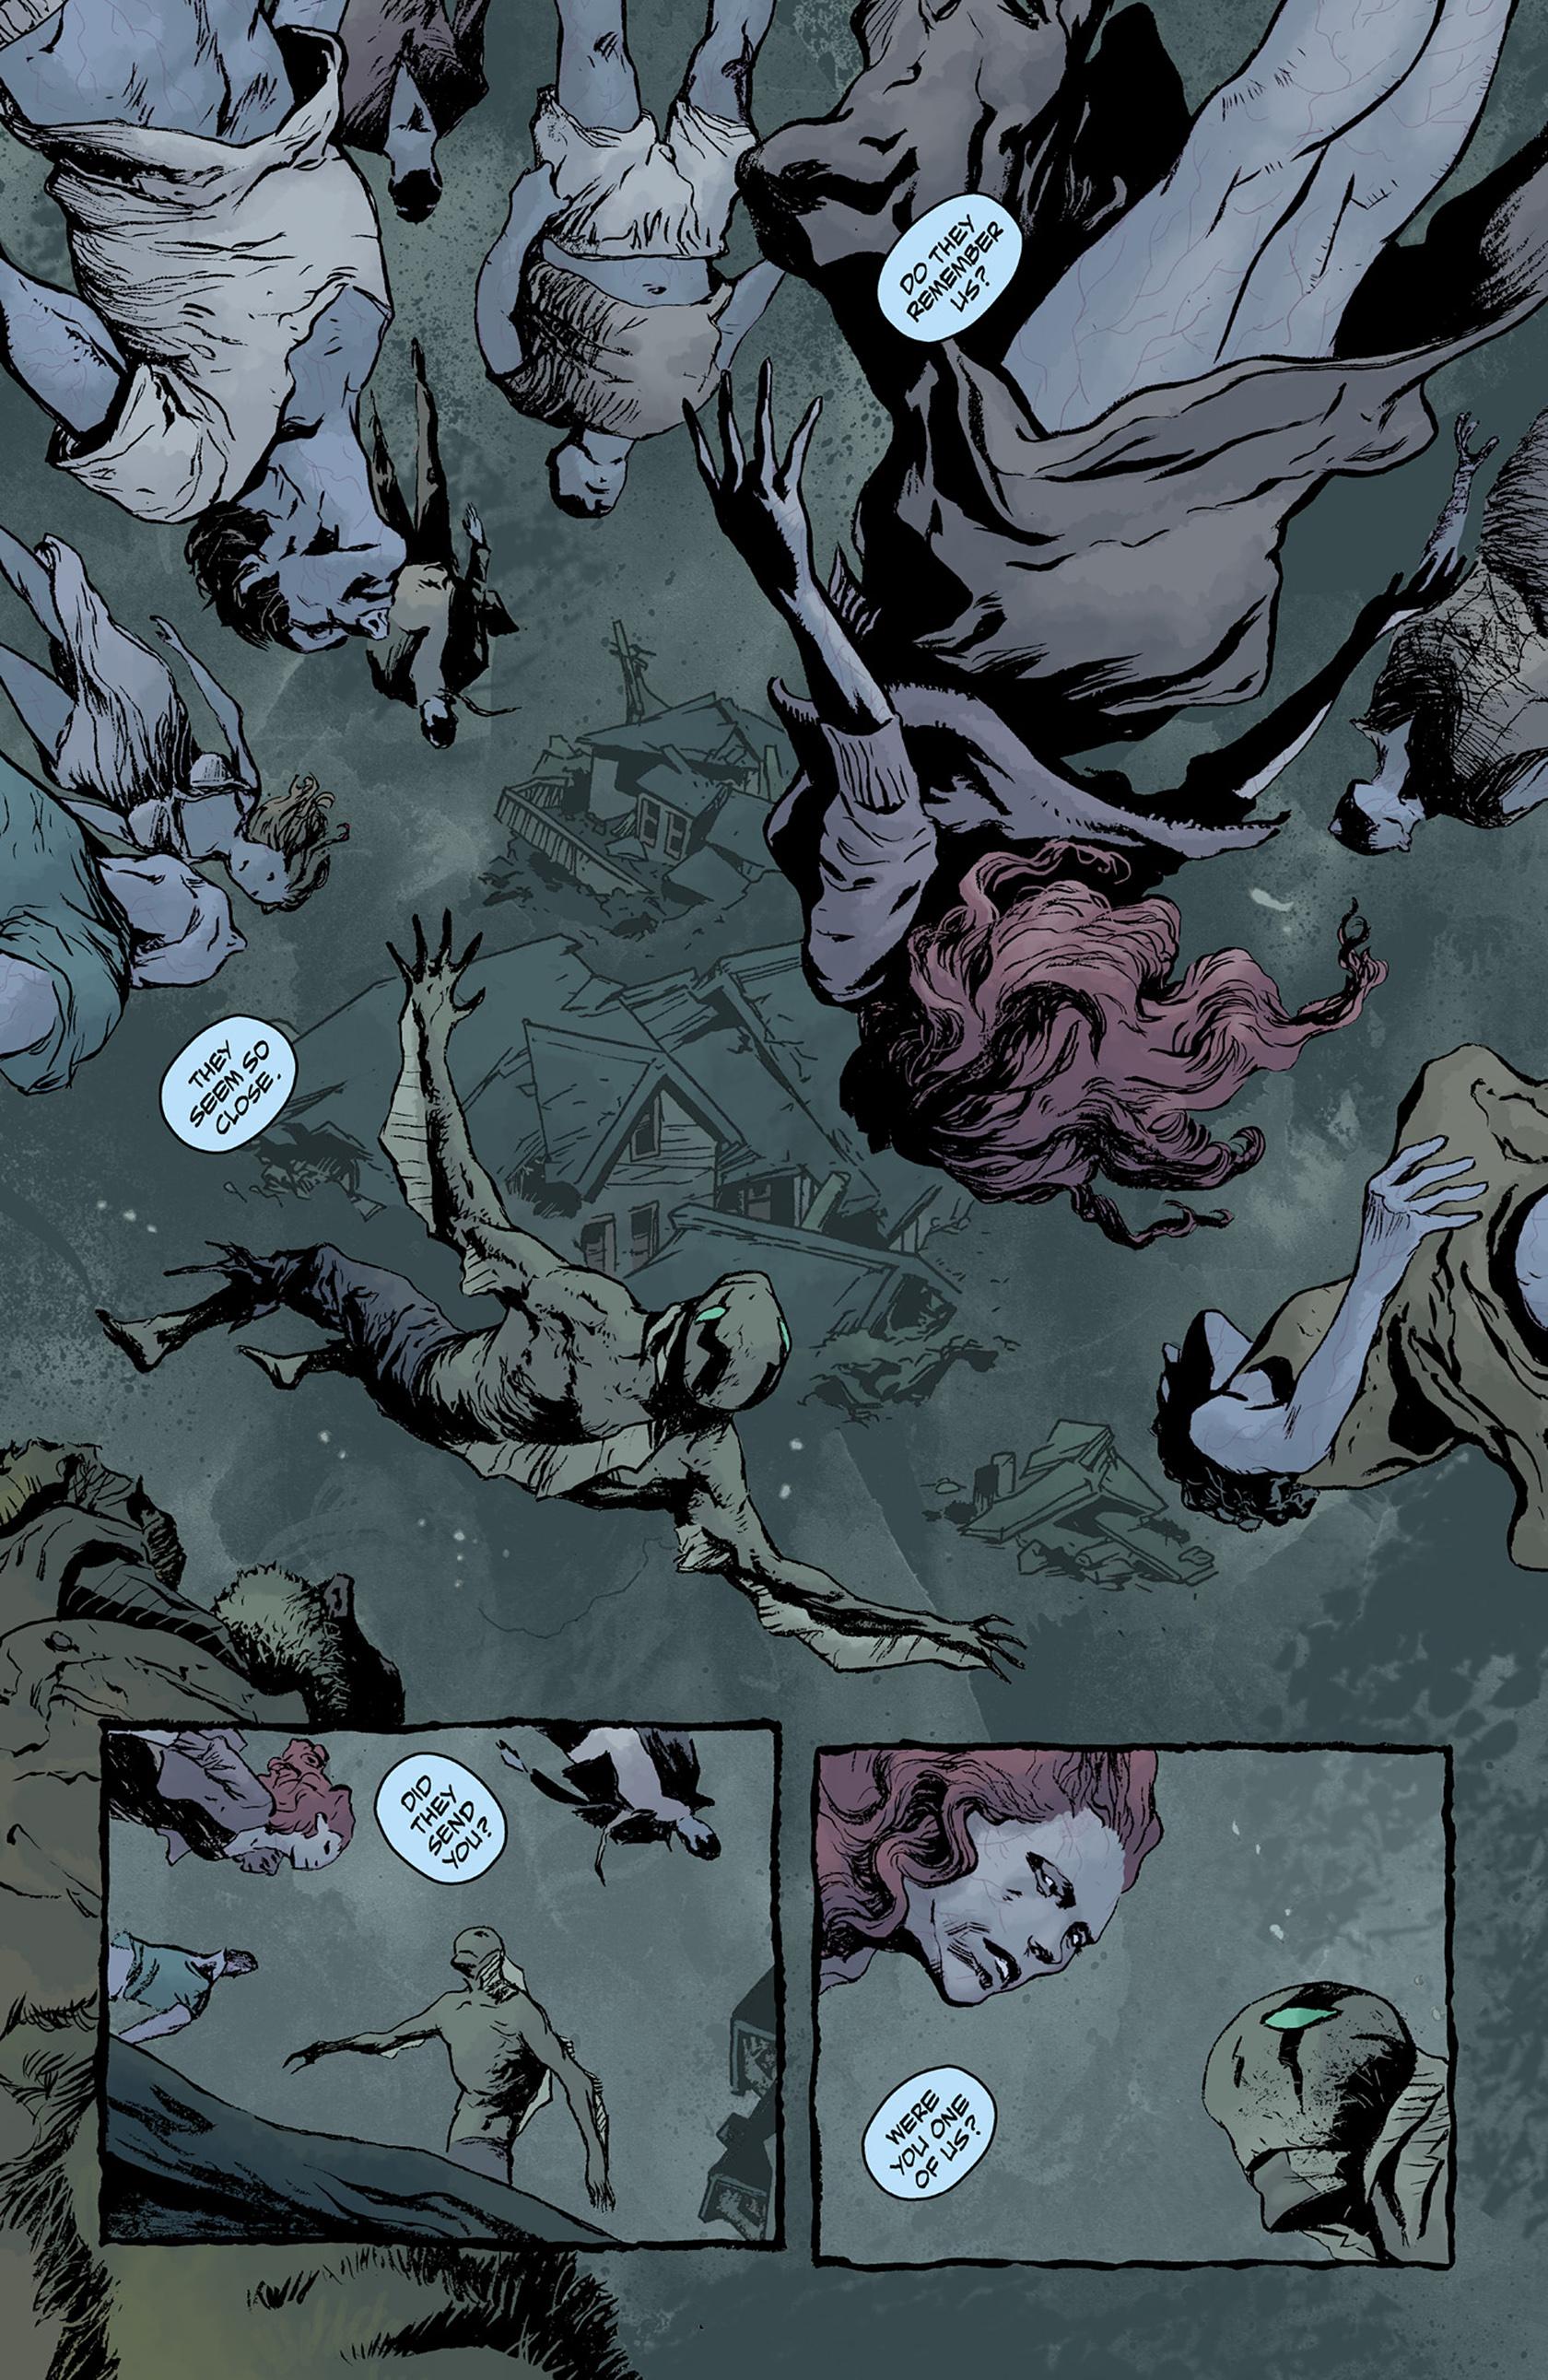 Read online Abe Sapien comic -  Issue #24 - 21